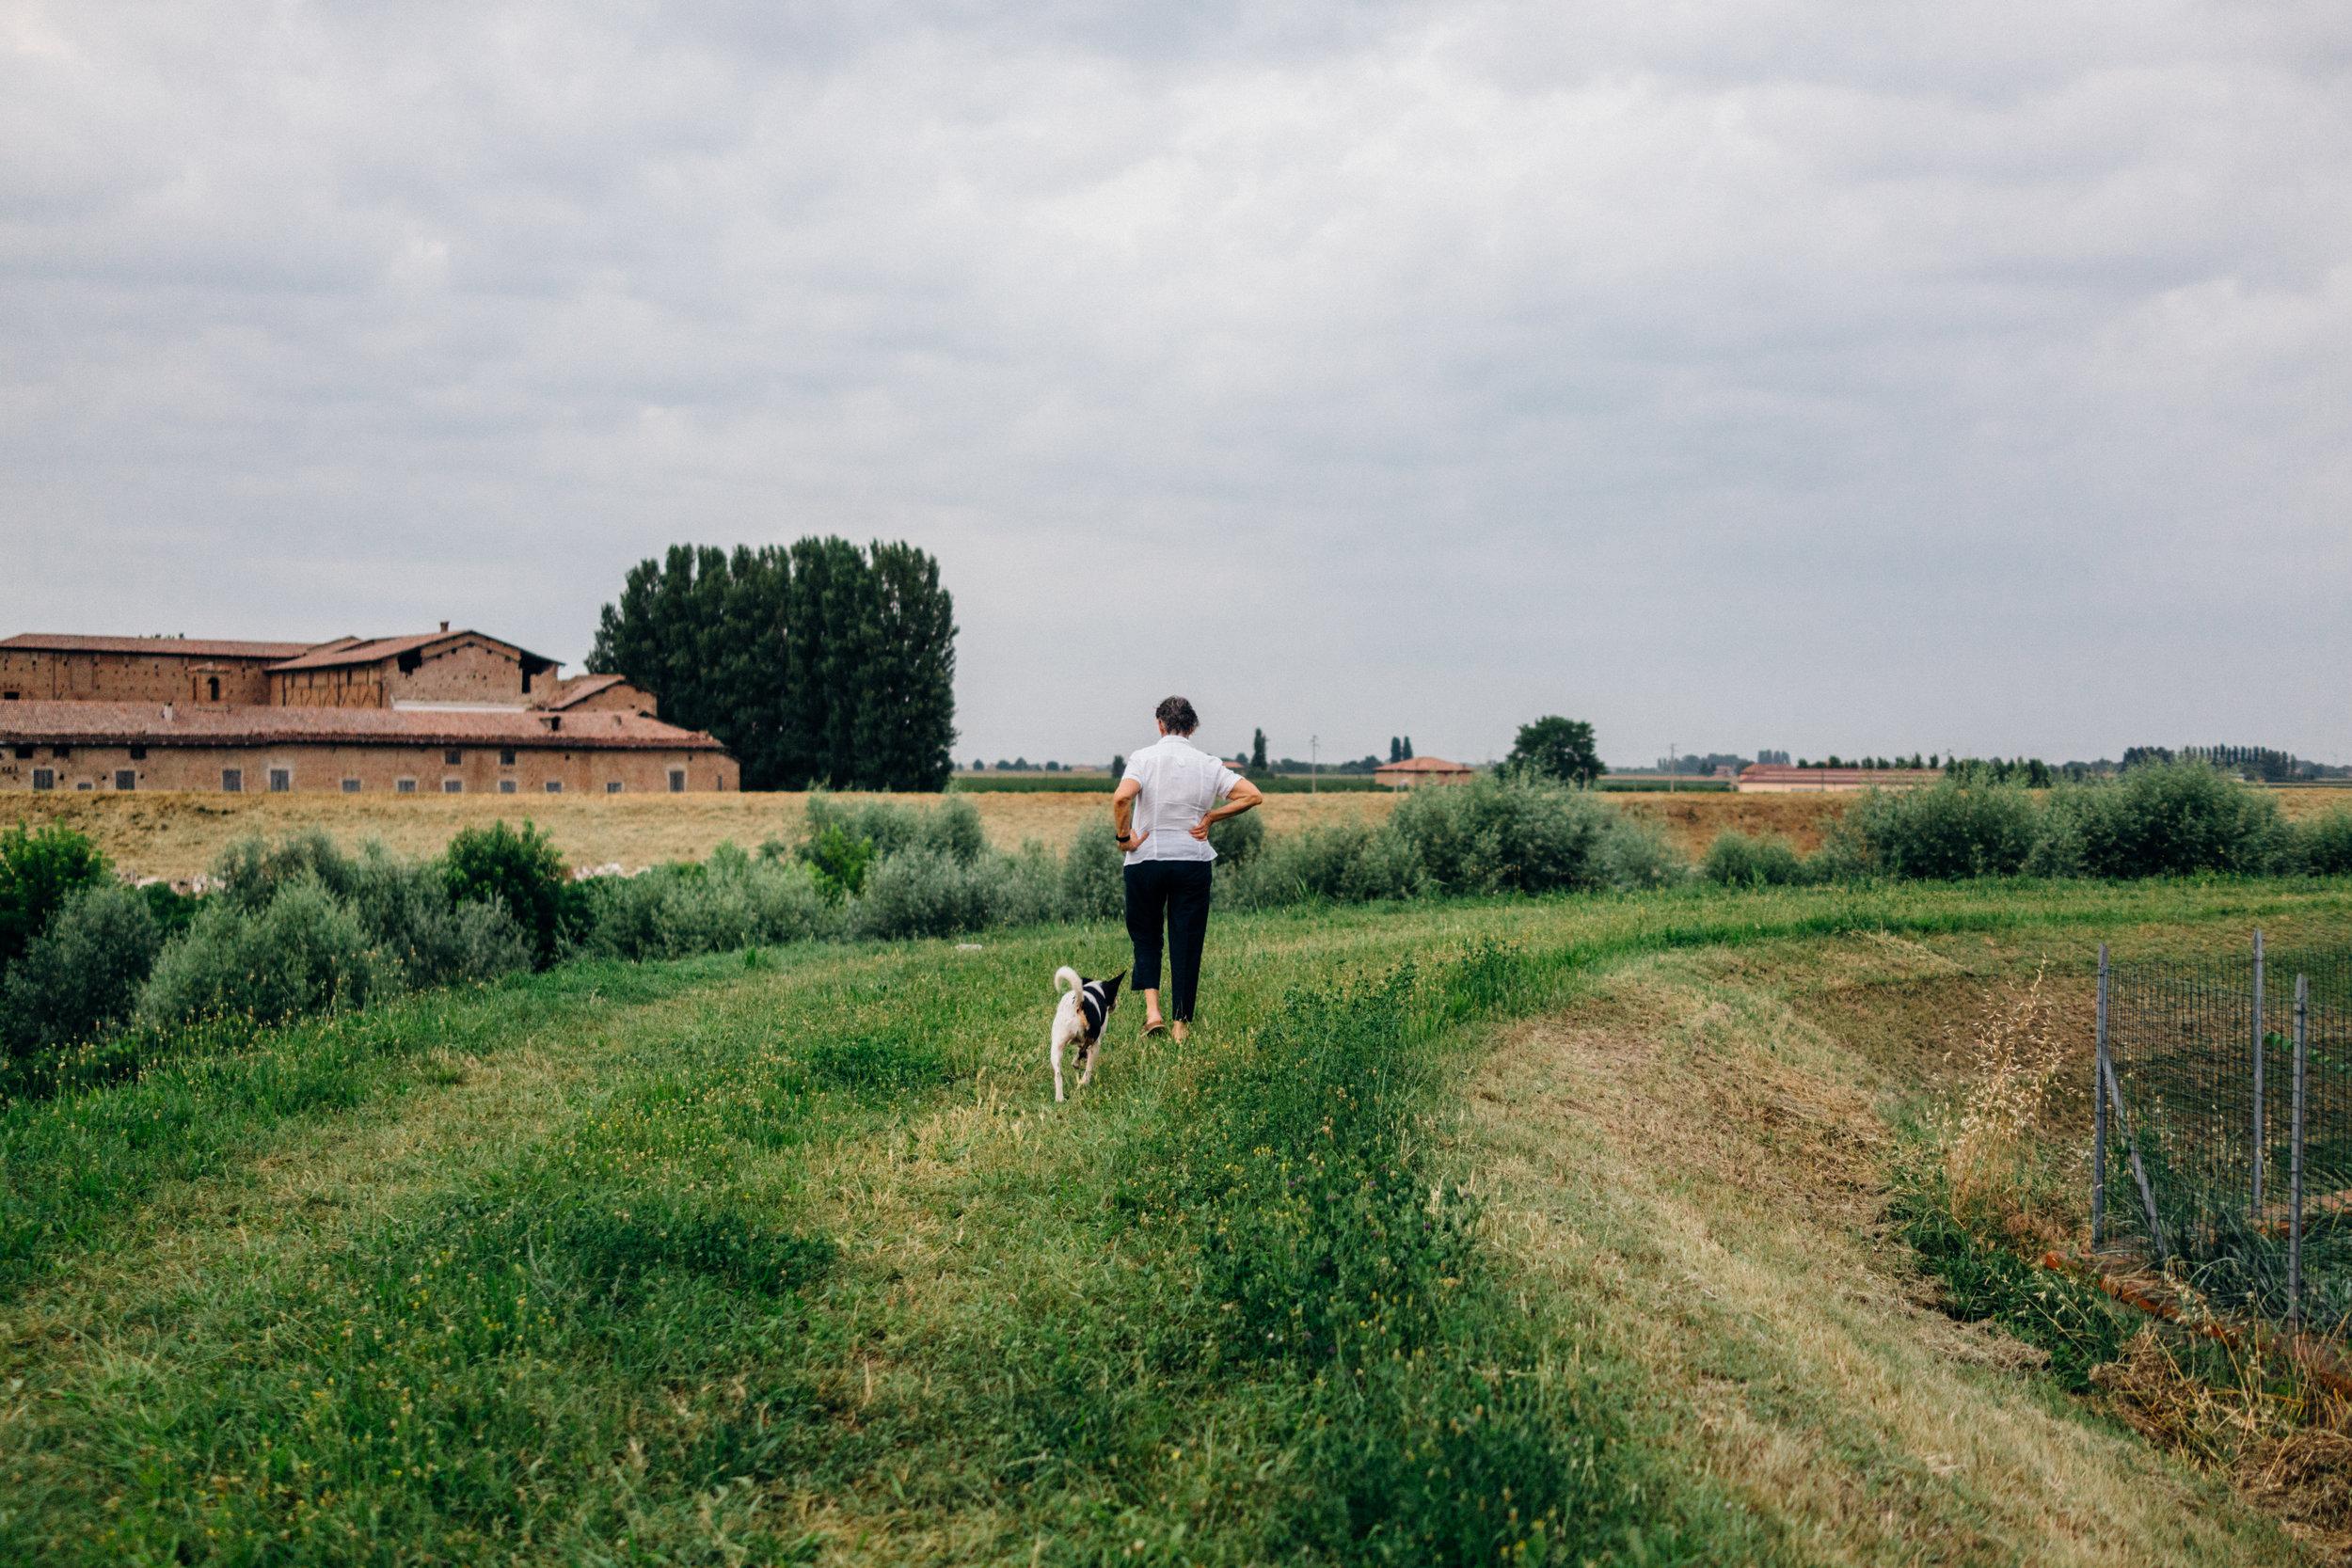 Bomporto, Modena, June